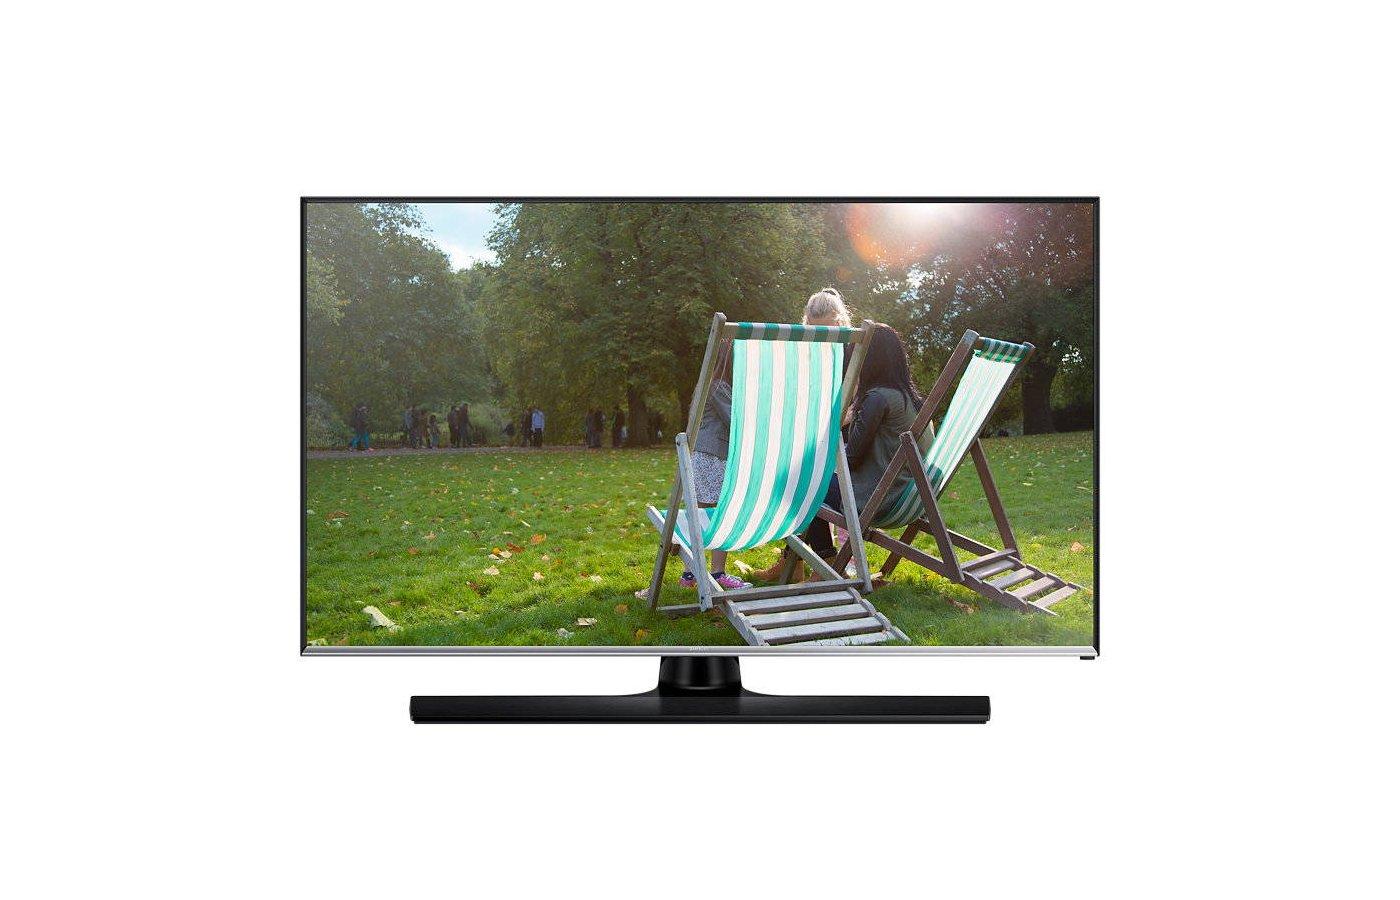 LED телевизор SAMSUNG LT32E310